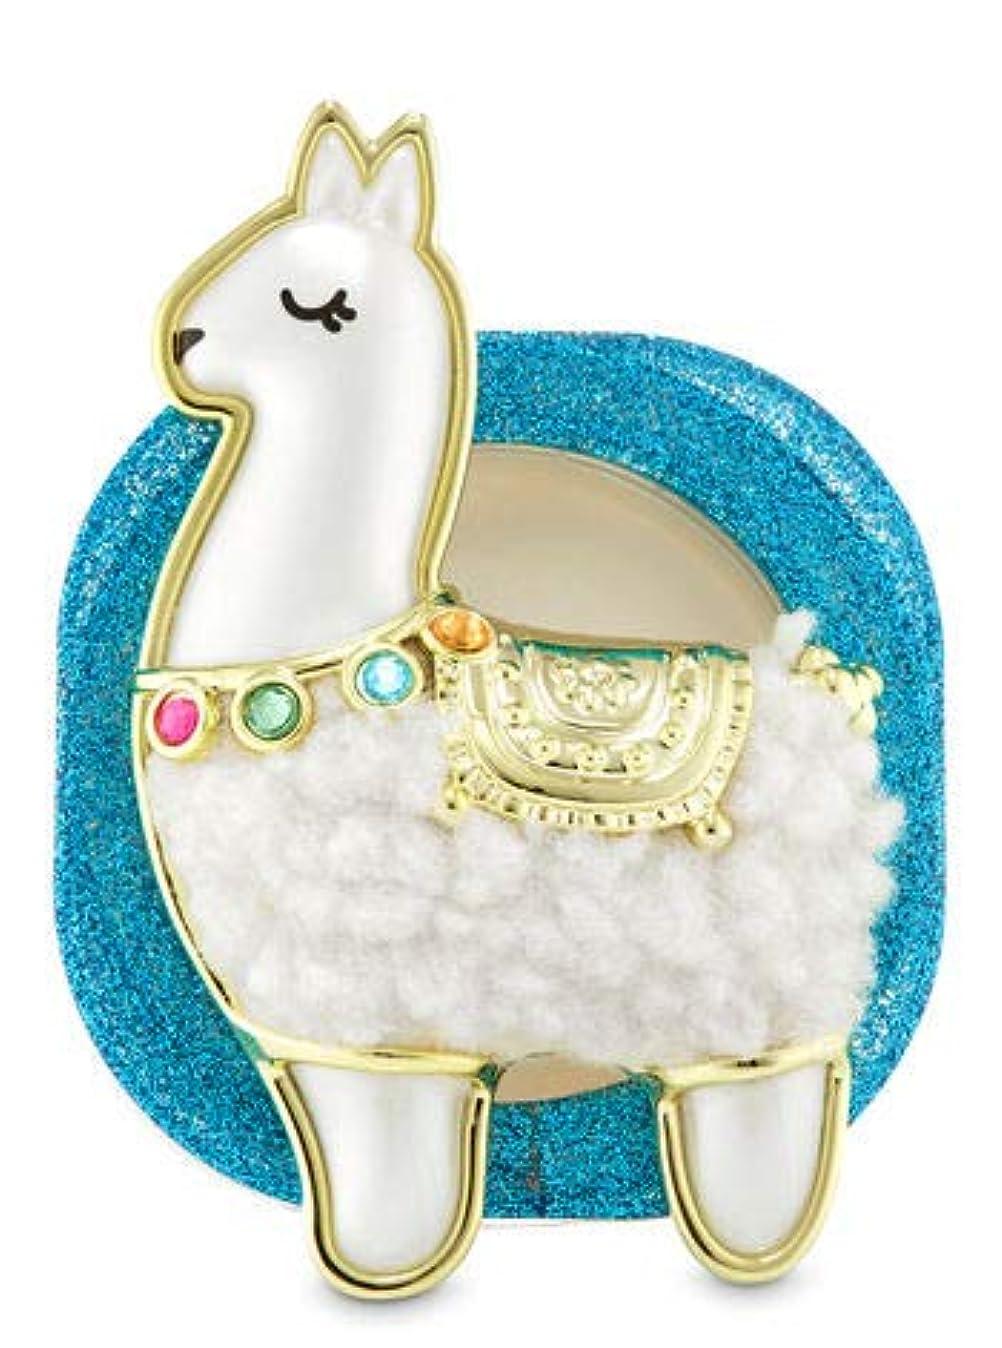 一口面積獣【Bath&Body Works/バス&ボディワークス】 クリップ式芳香剤 セントポータブル ホルダー (本体ケースのみ) ラマ Scentportable Holder Llama [並行輸入品]